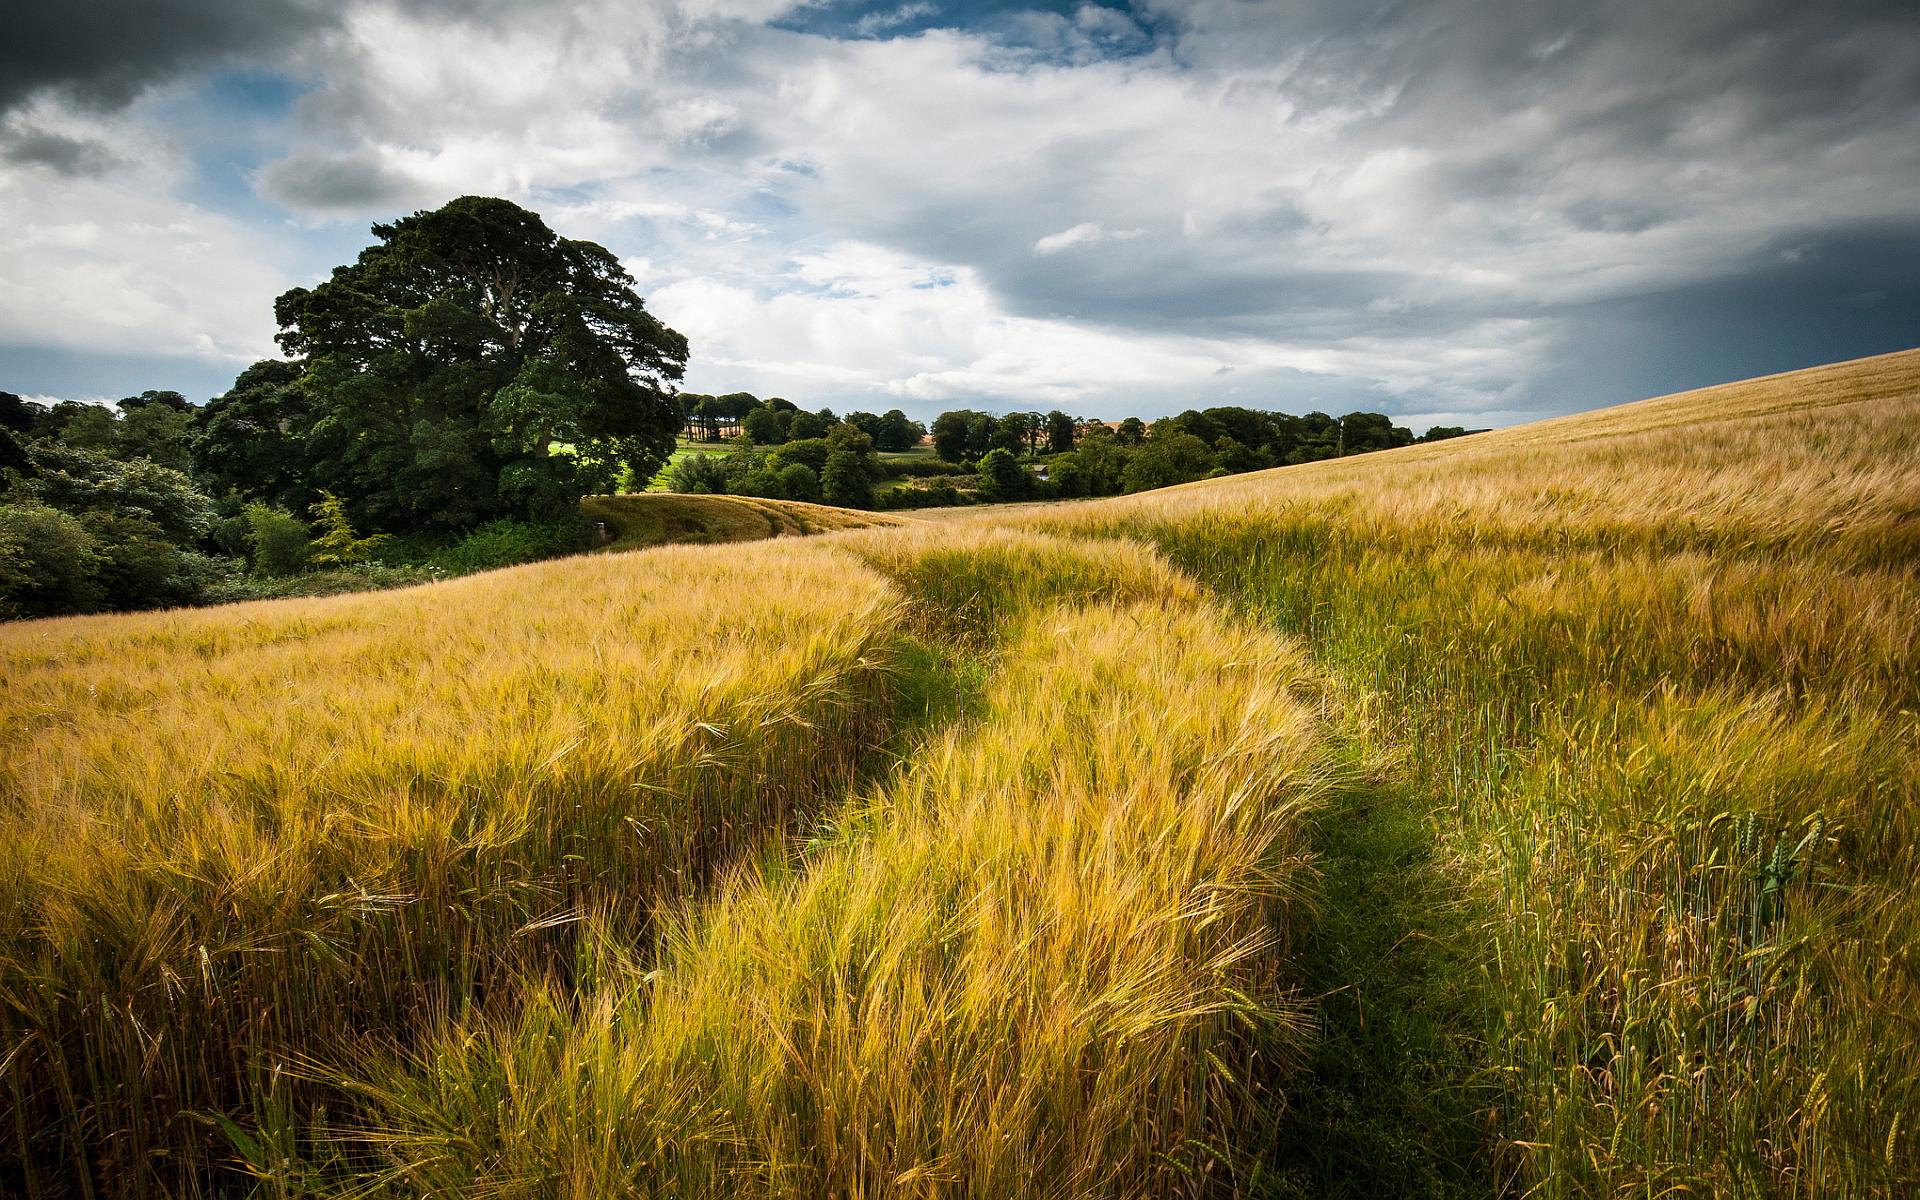 Wheat Field HD Desktop Wallpapers 4k HD